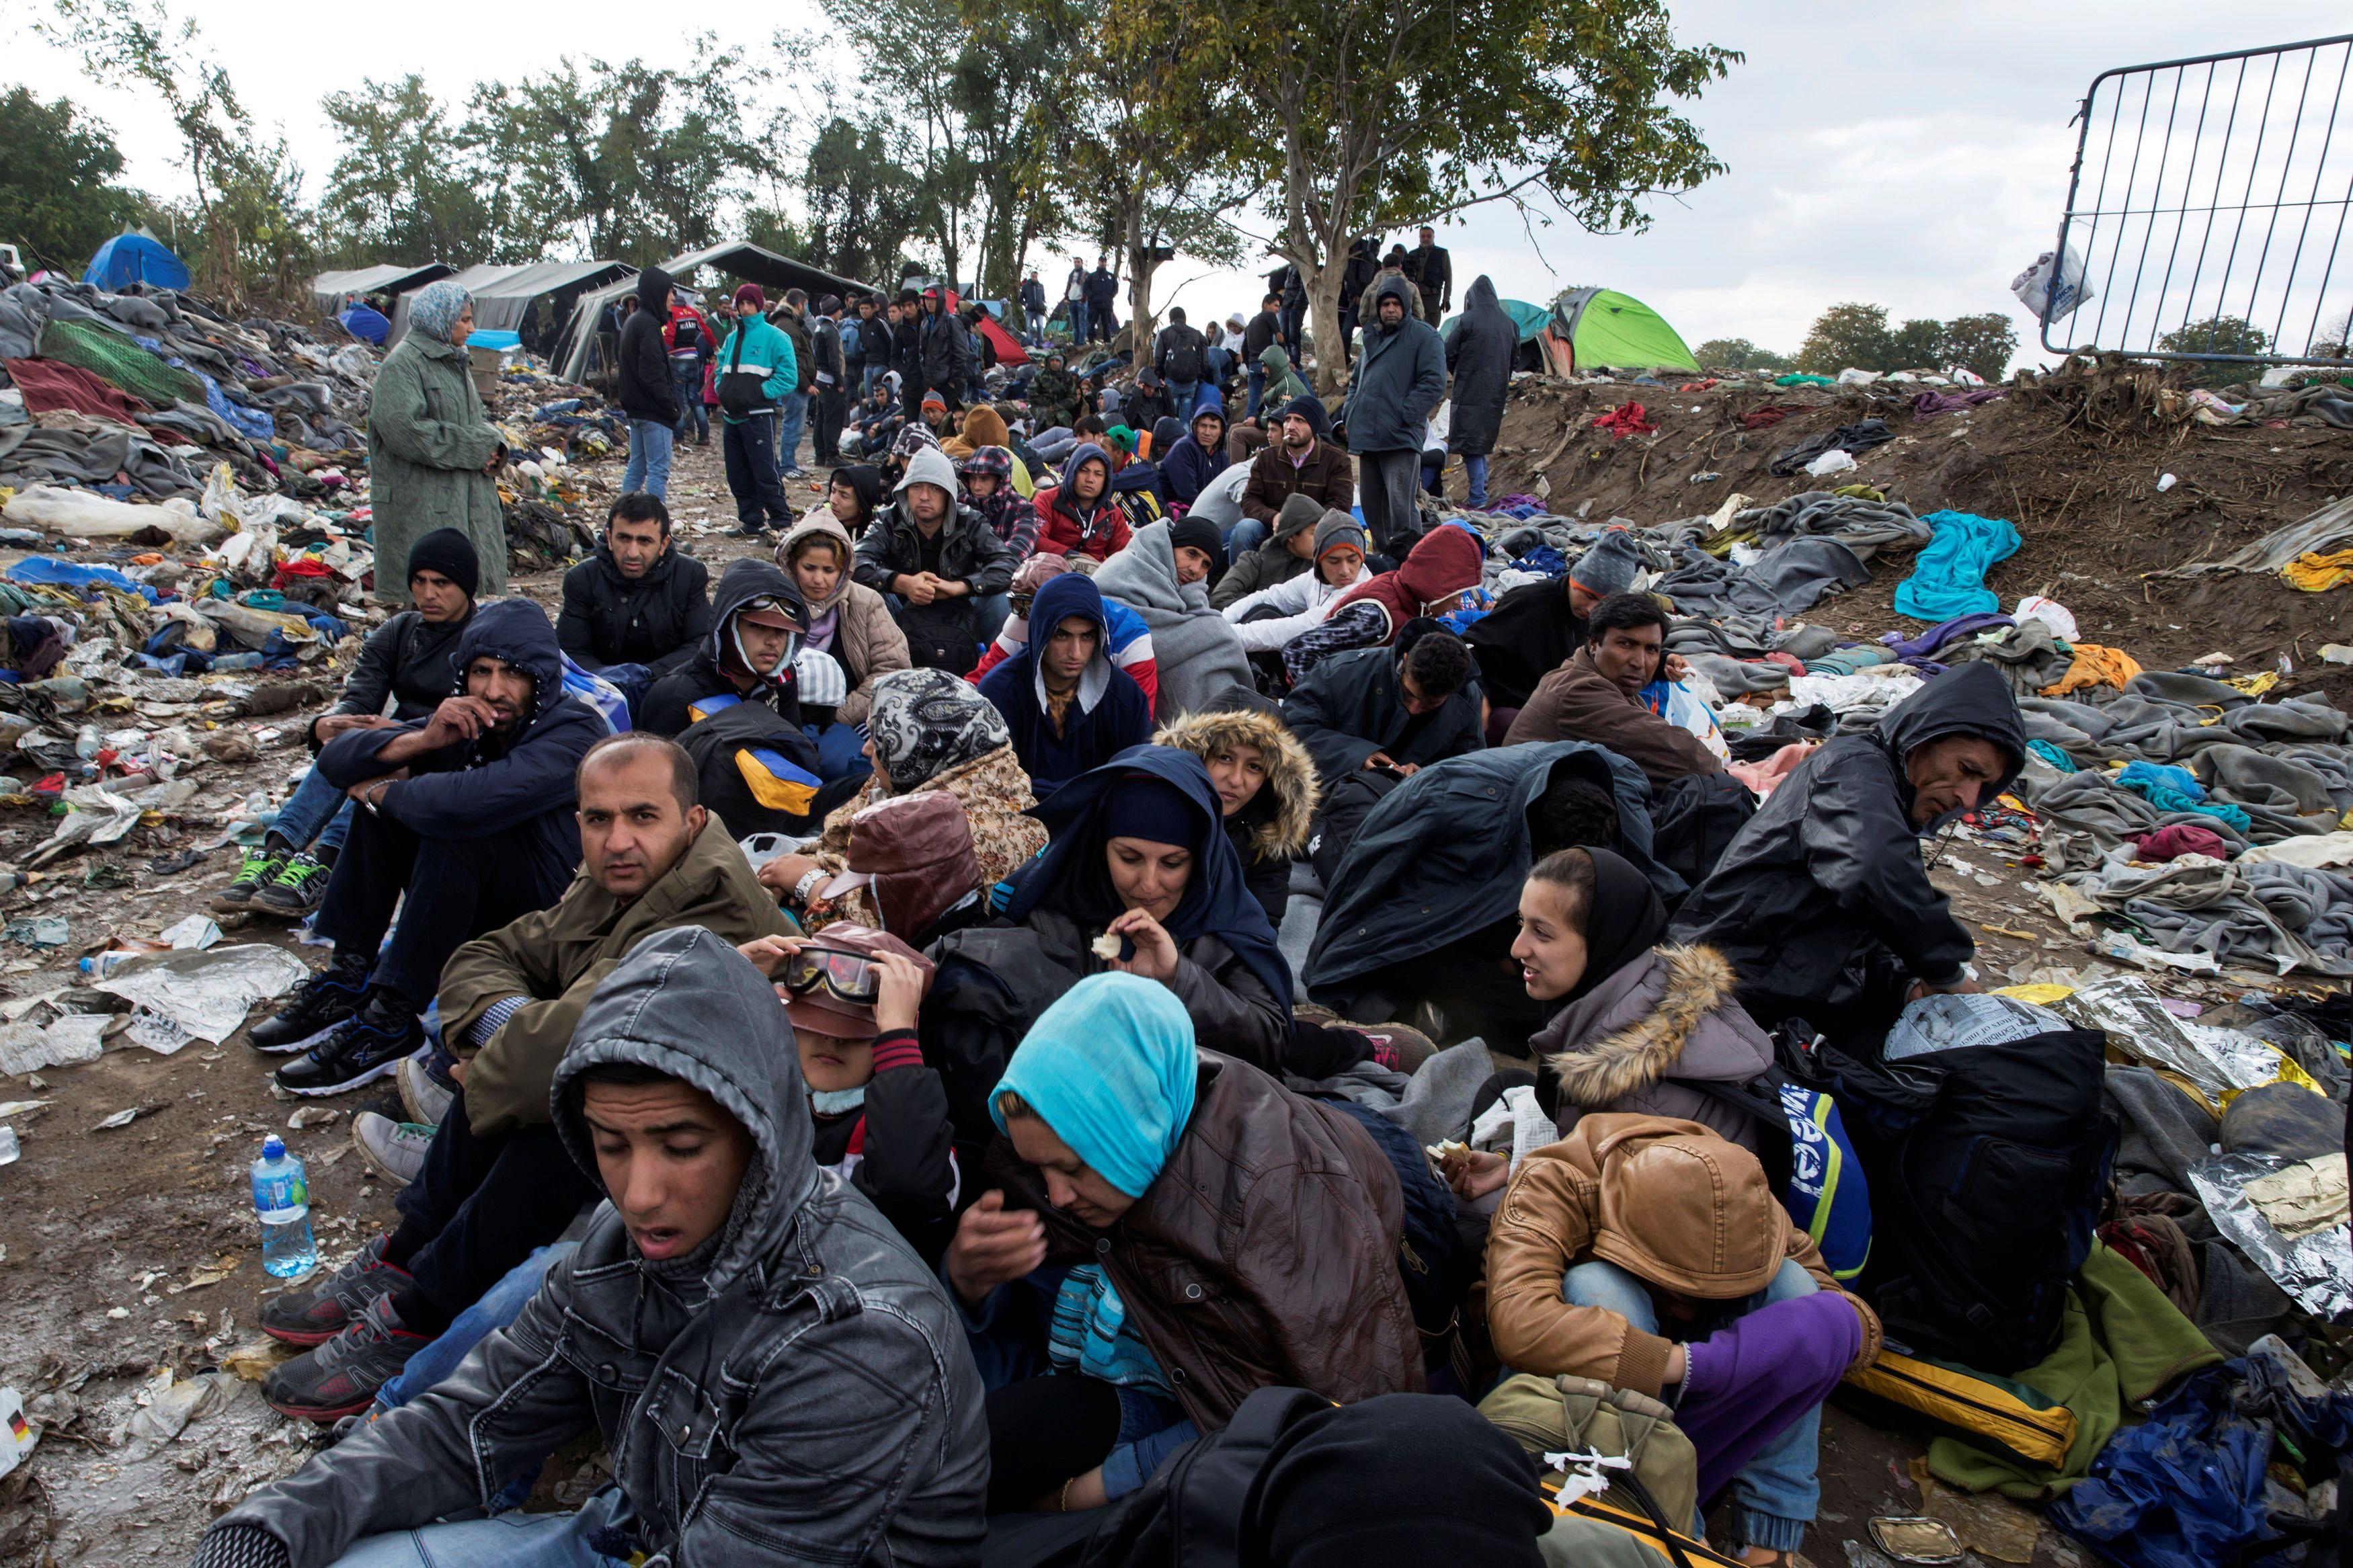 Communautarisme, rancœurs, criminalité et radicalisation : pourquoi la surreprésentation des hommes dans la plus grande crise migratoire depuis la Seconde Guerre mondiale pose un sérieux problème à l'Europe